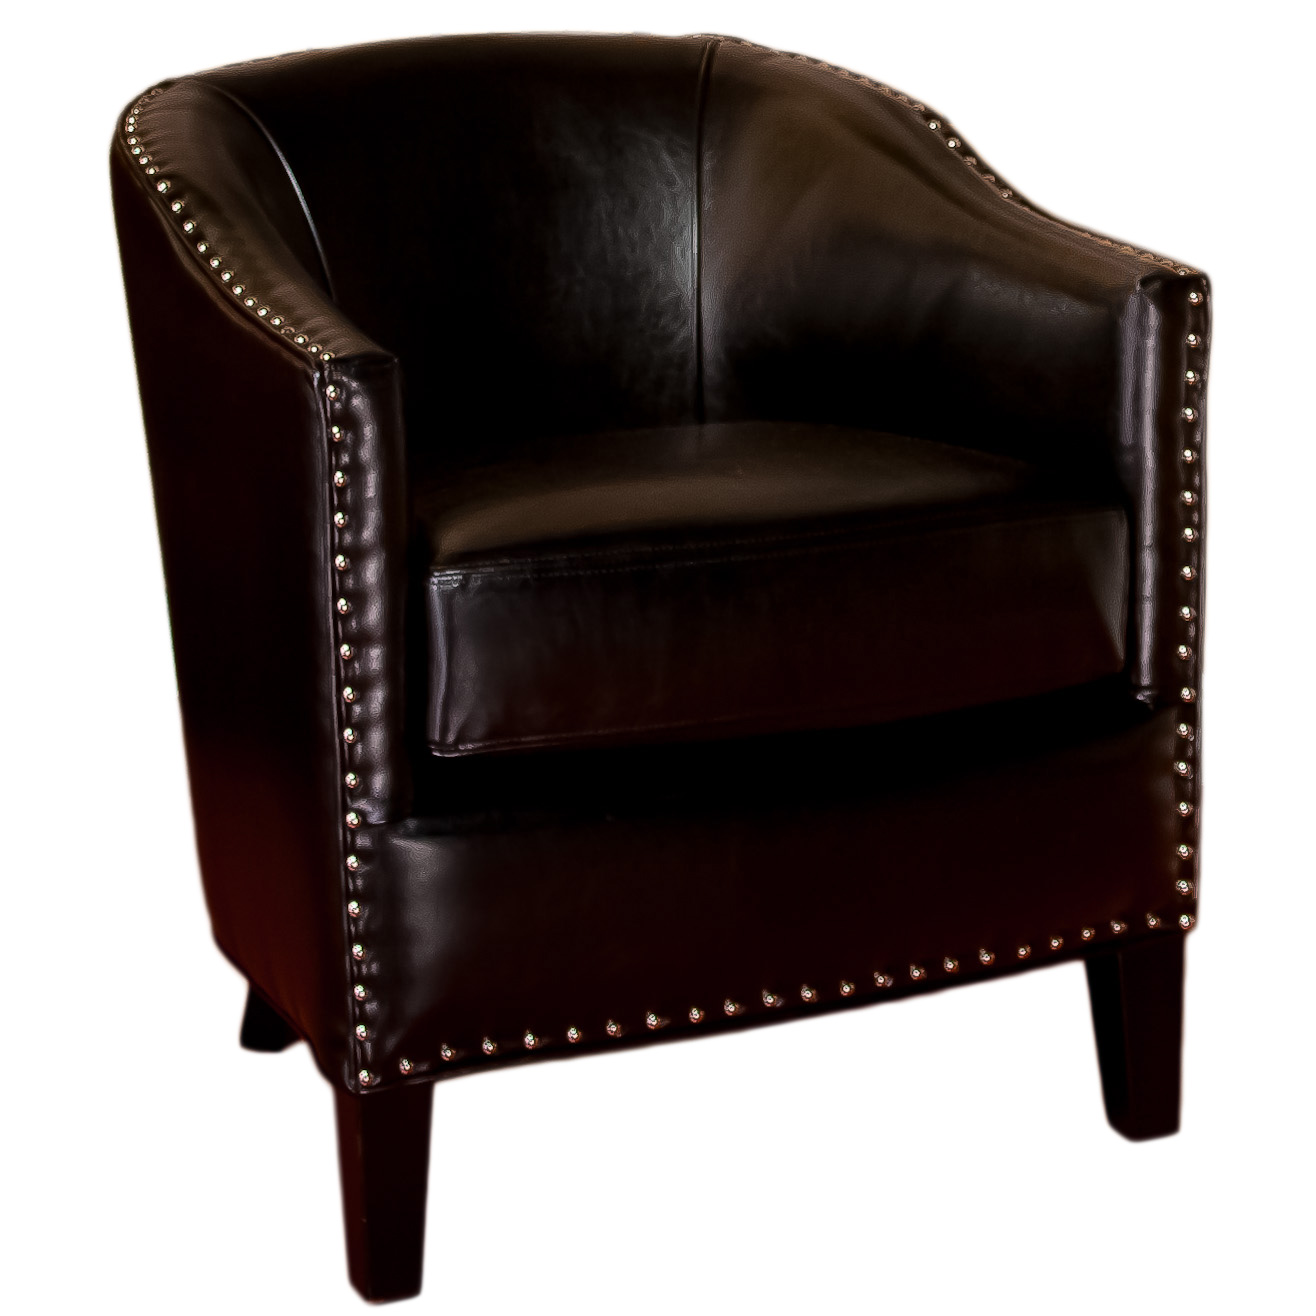 Anson Black Leather Club Chair by GDF Studio